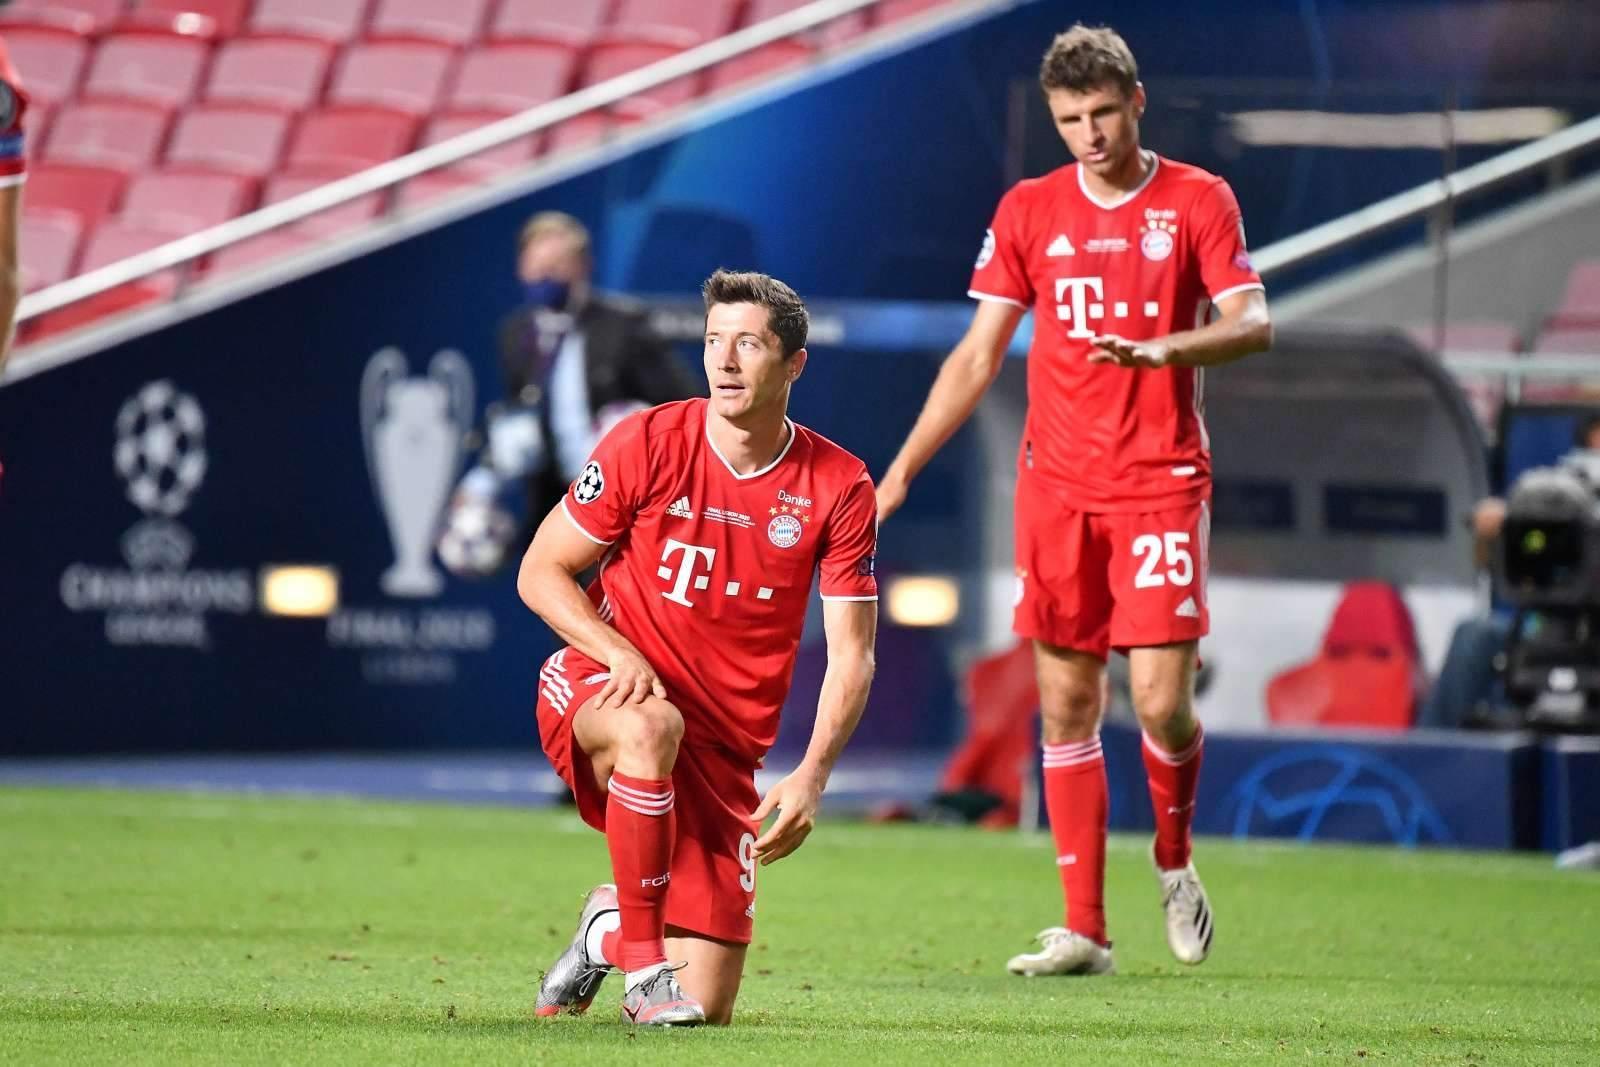 Триумф воли и мастерства: Как «Бавария» шла к победе в Лиге чемпионов